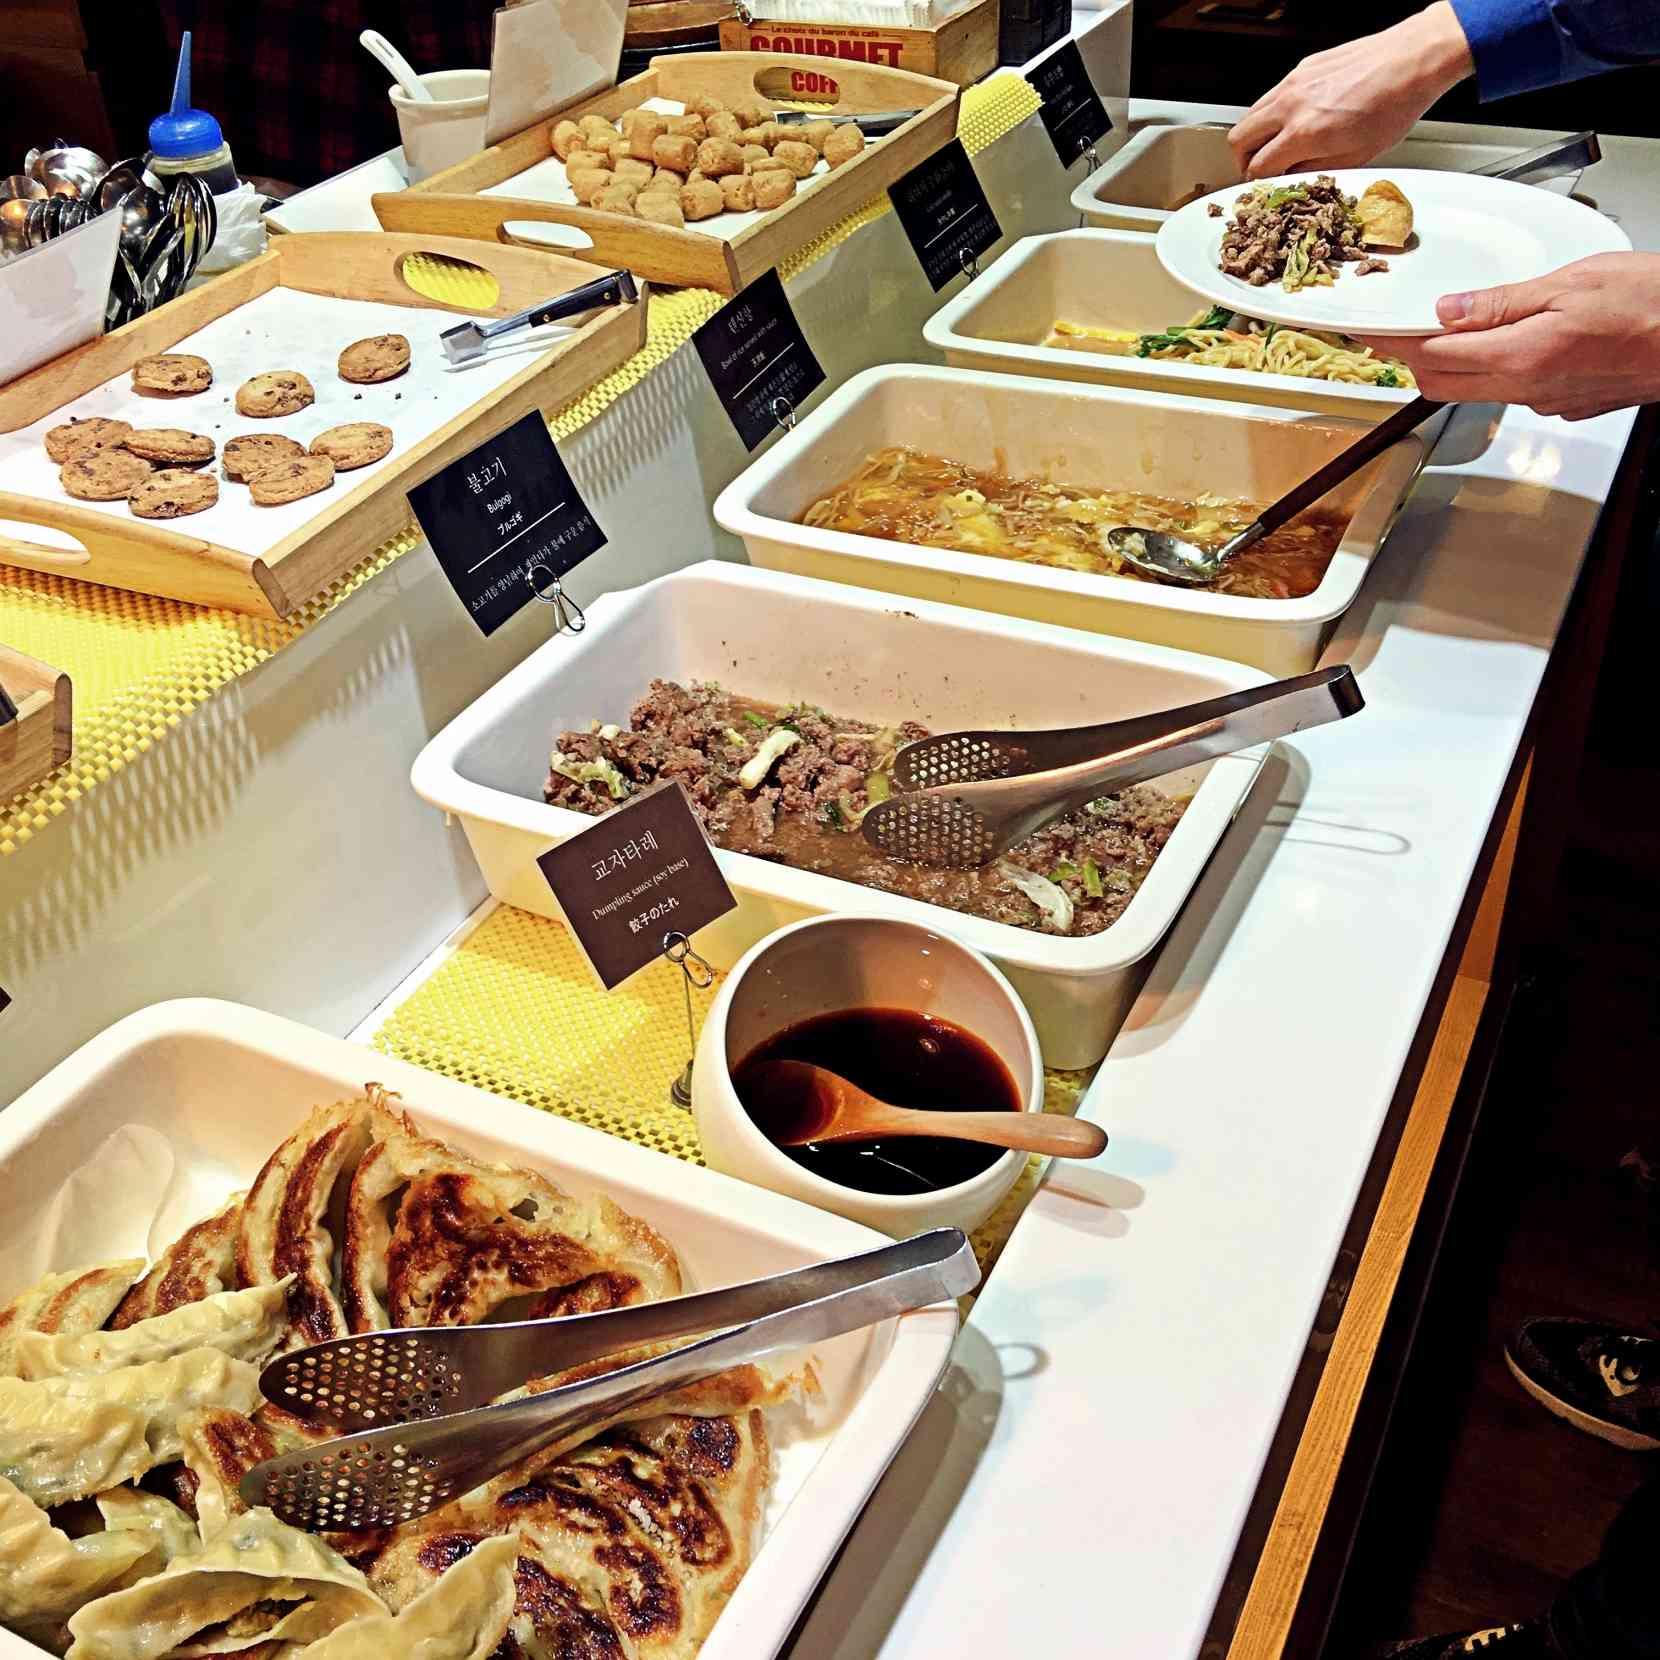 熟食區給了煎餃、韓式烤肉、天津炒飯(推這道)、炒麵等。也有曲奇餅干等。